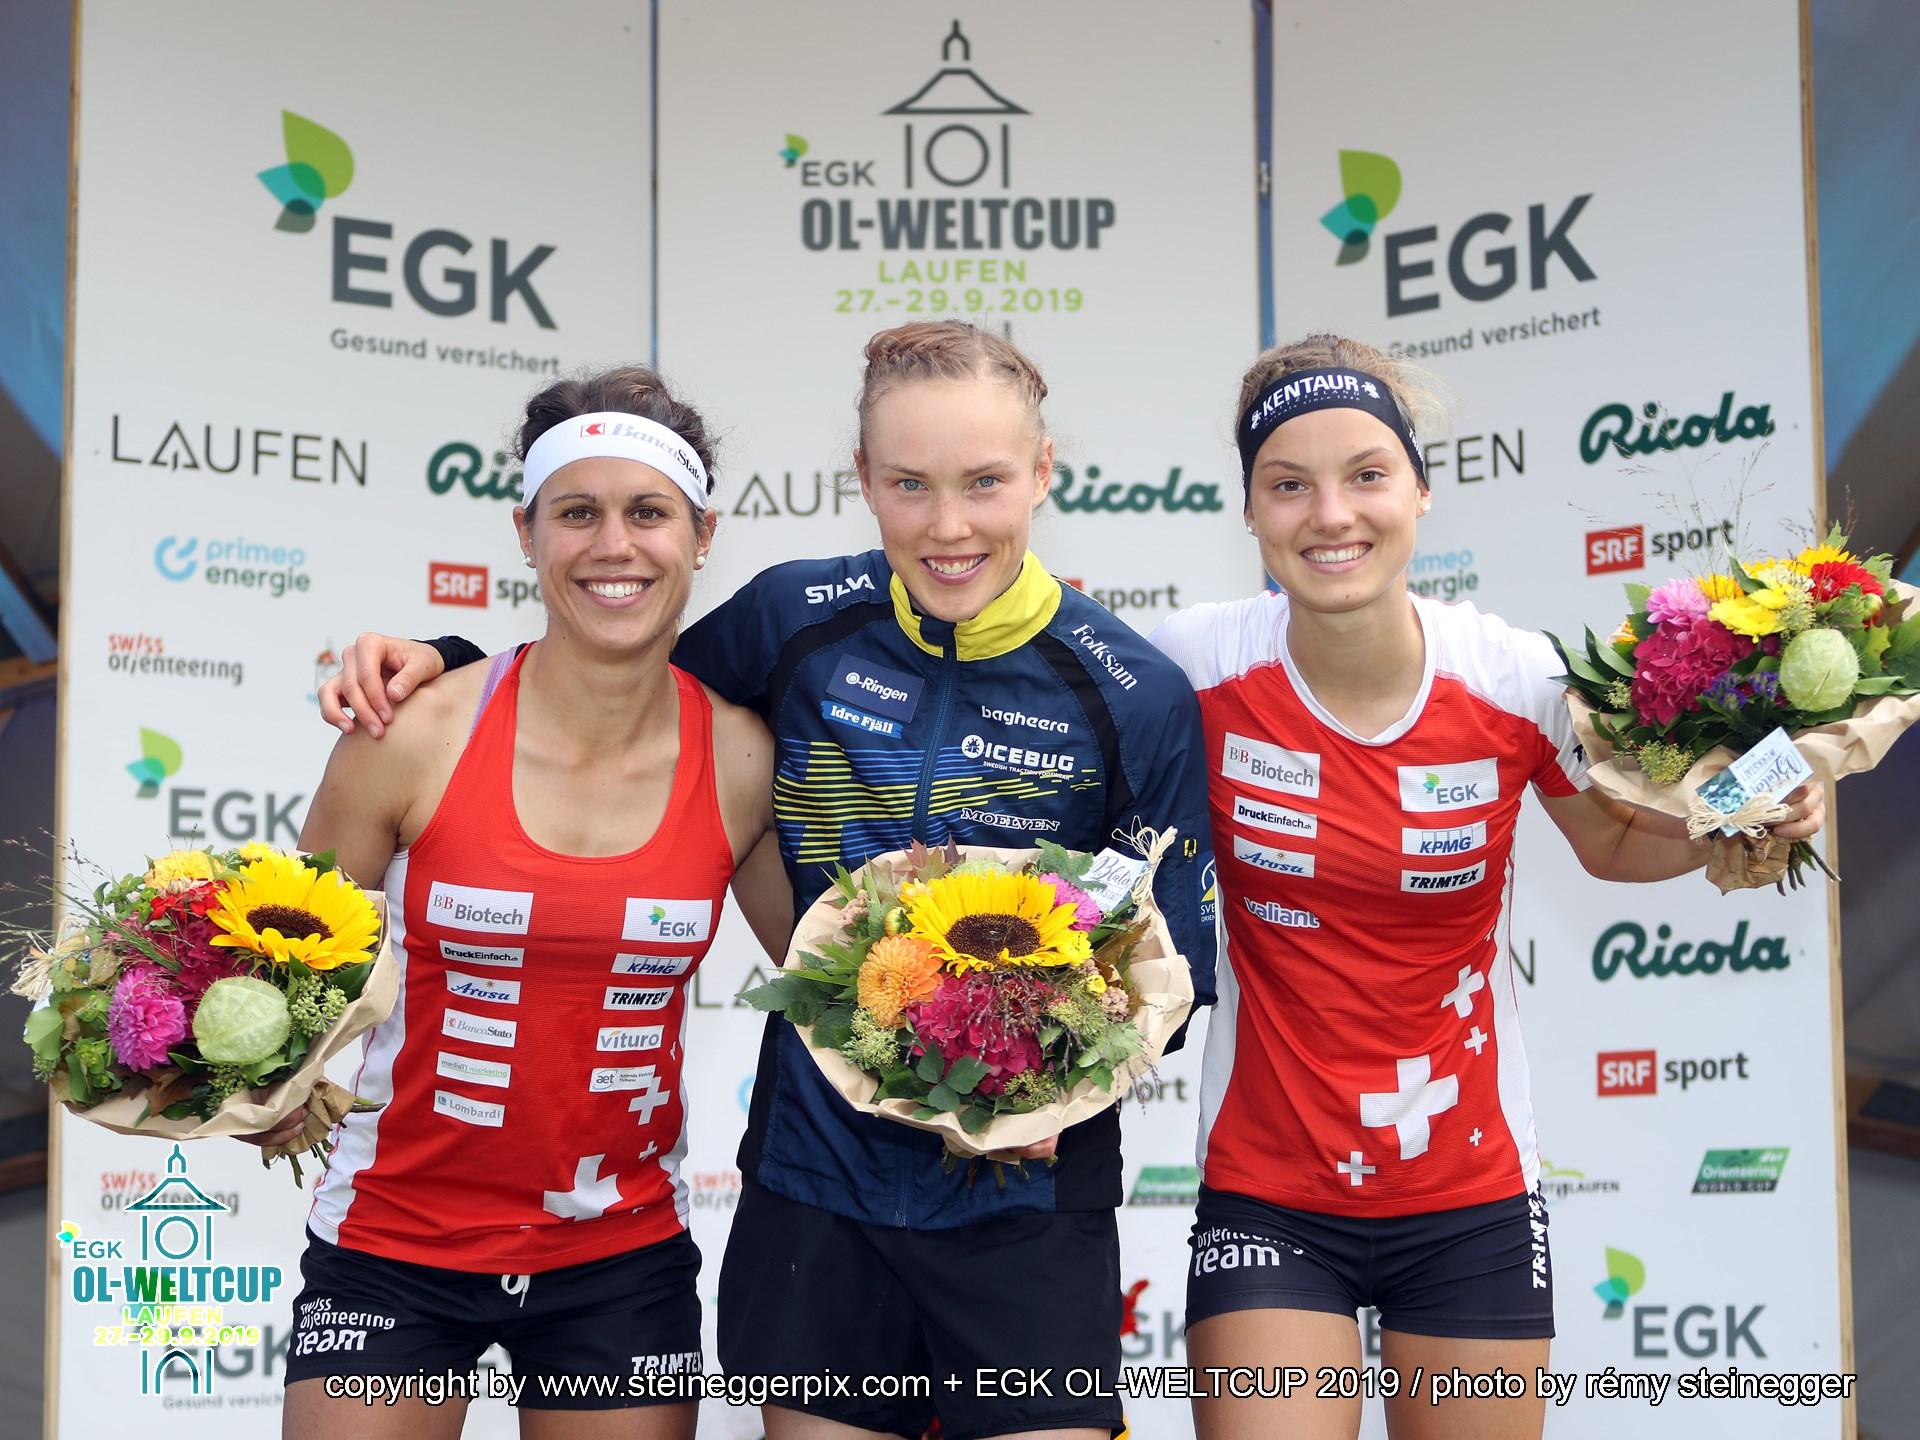 seconda nella sprint! Foto: R. STeinegger, Steineggerpix